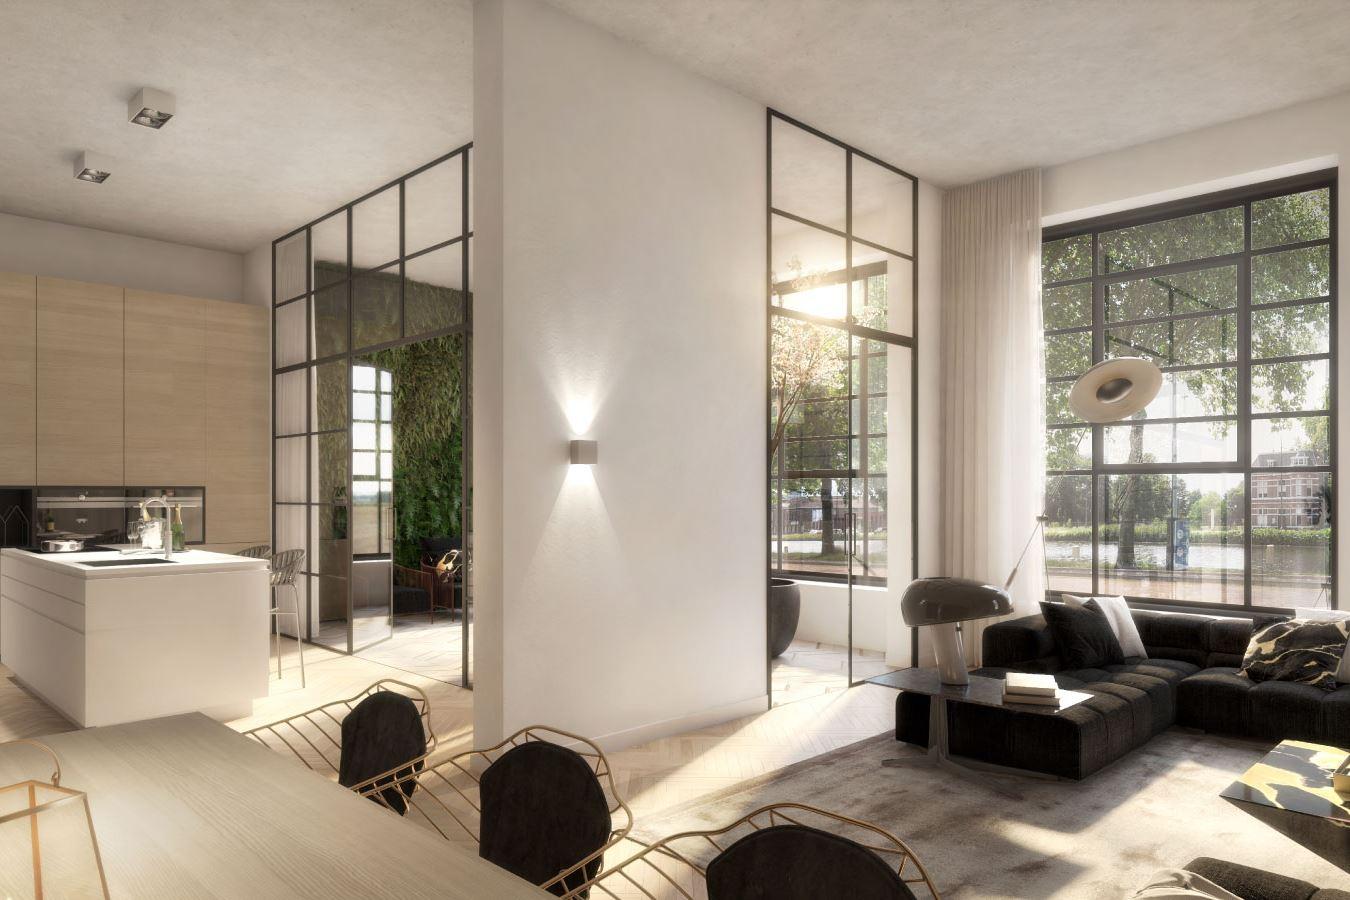 Bekijk foto 3 van E.13   Tussenappartement   E5   Oranjekade (Bouwnr. 13)